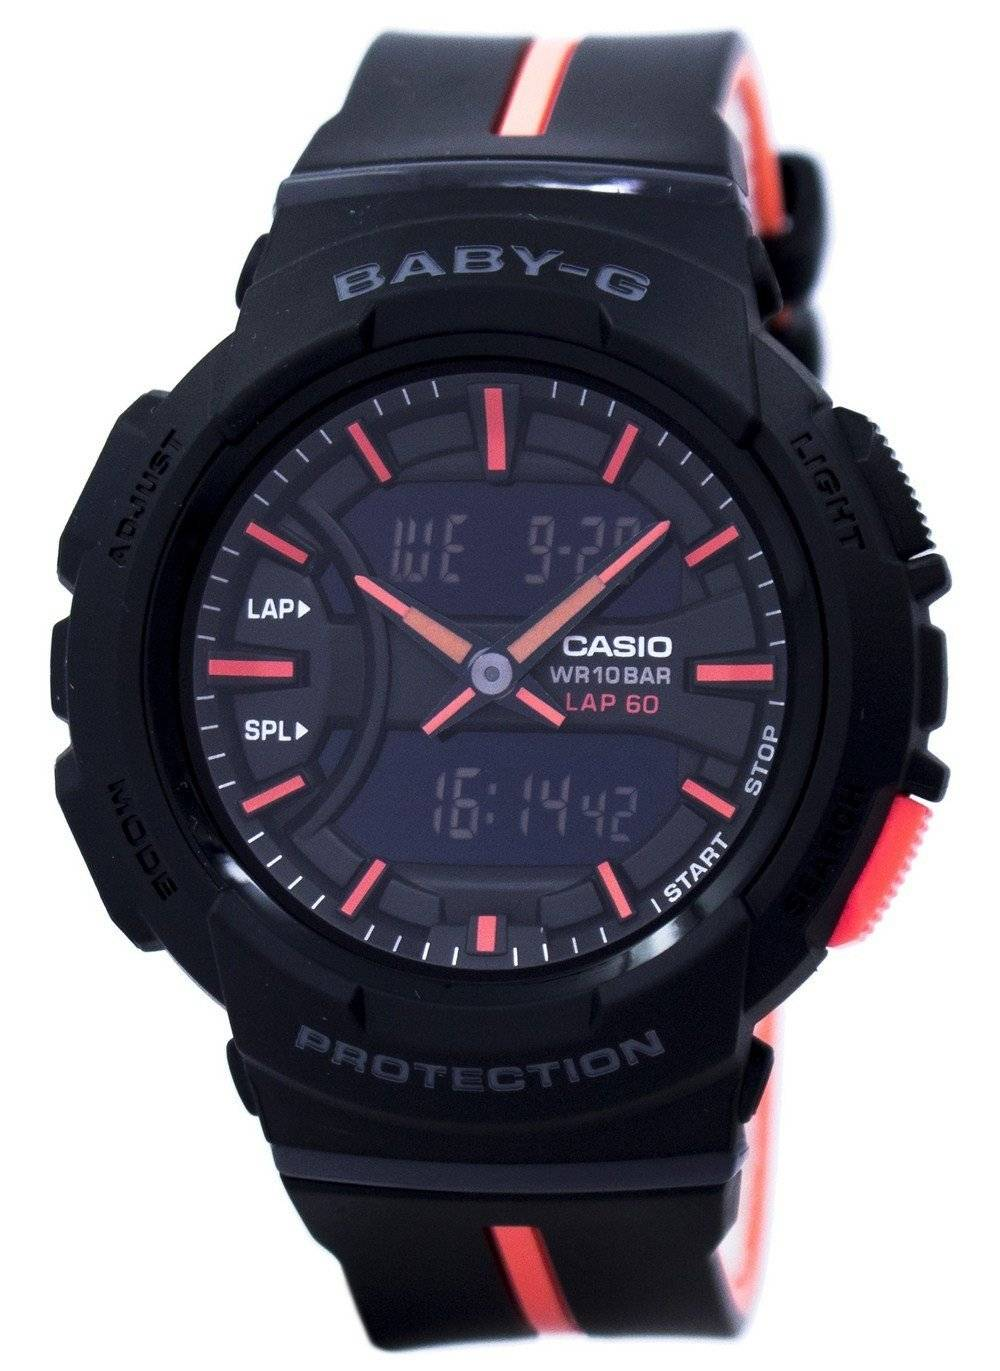 56d63722963 Casio Baby-G resistente agli urti Dual Time analogico digitale BGA-240L-1A  orologio. Orologio Citizen Eco-Drive AU1083-13 H maschile